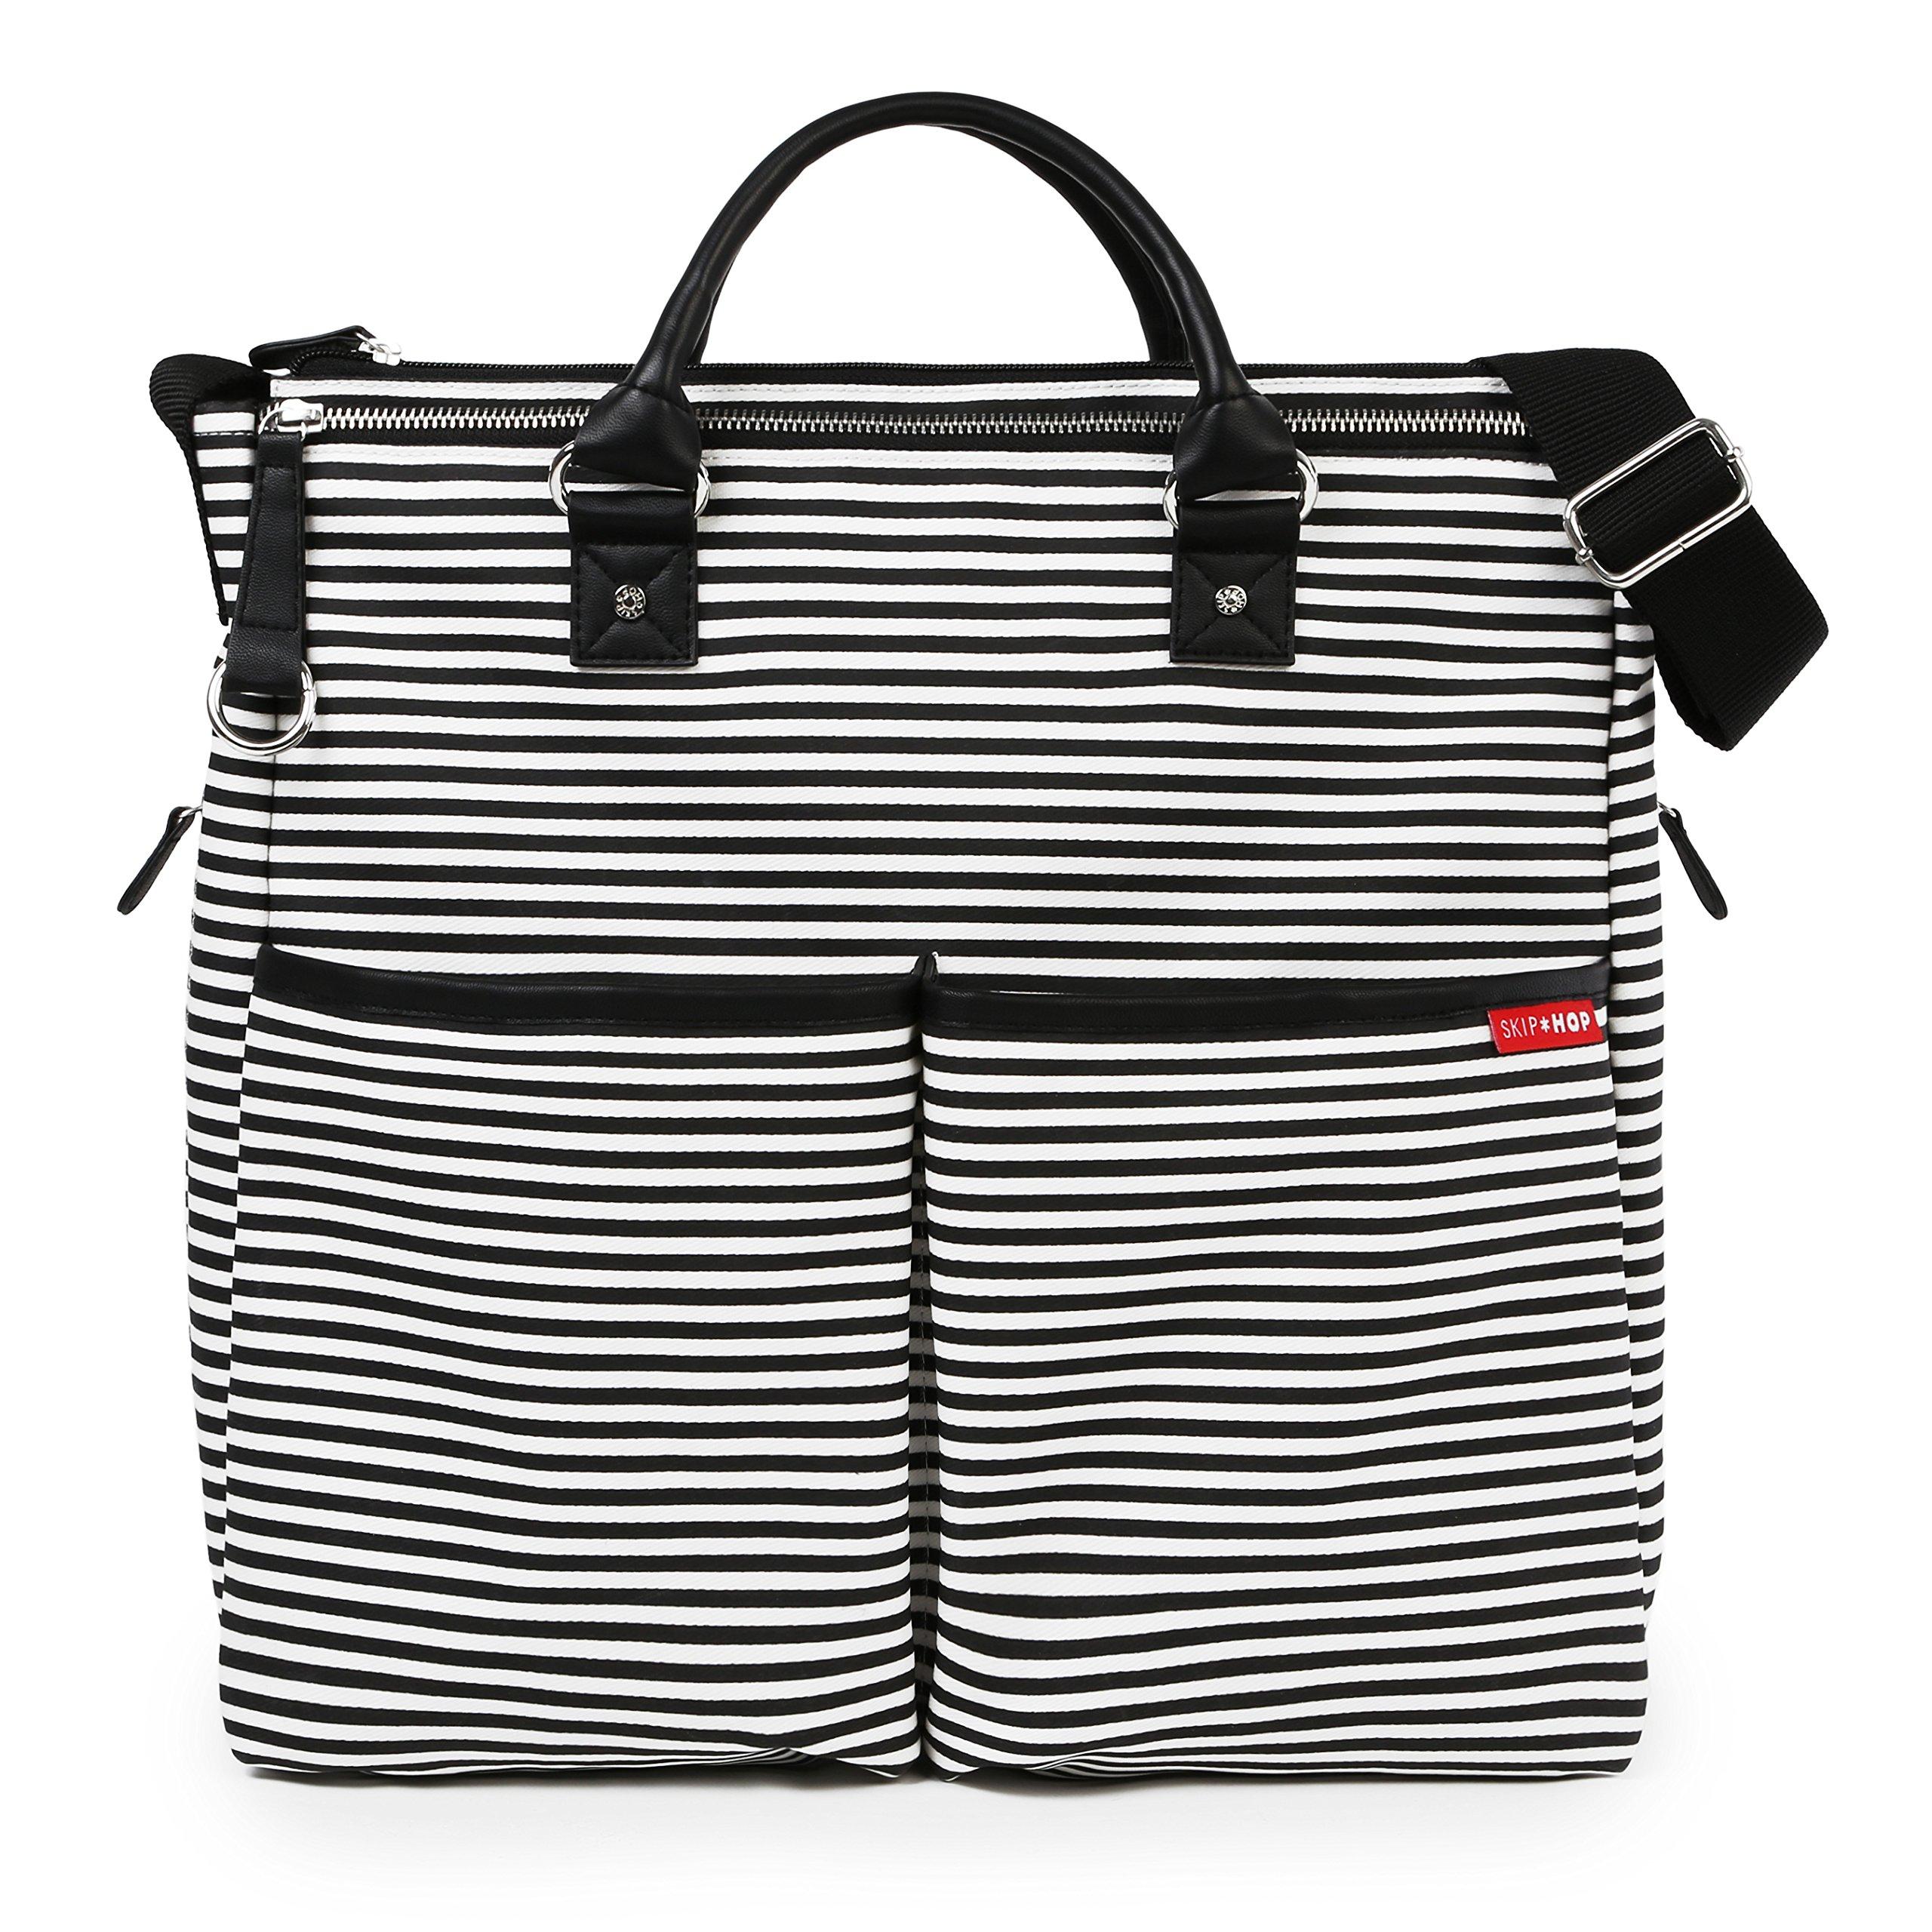 Skip Hop Duo Bolso cambiador de edición especial, diseño de rayas Black Stripe product image